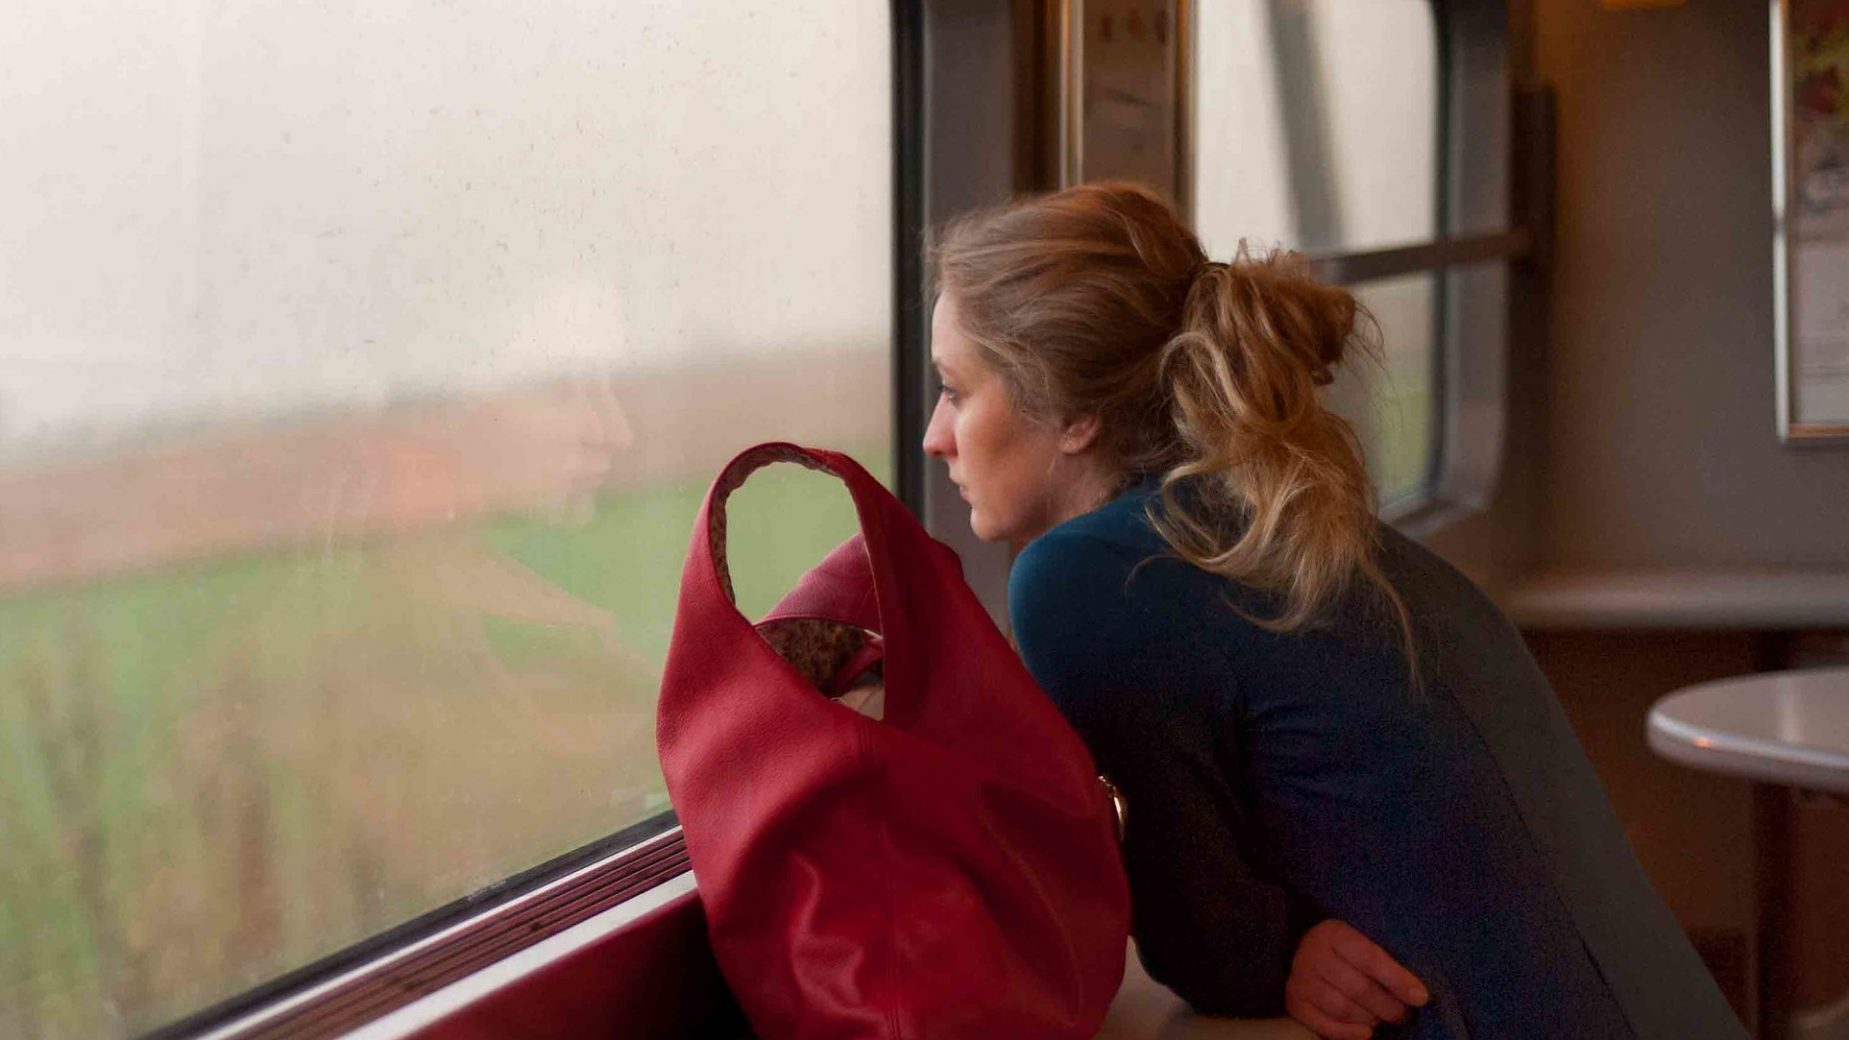 7 habitudes communes aux gens malheureux faciles à surmonter